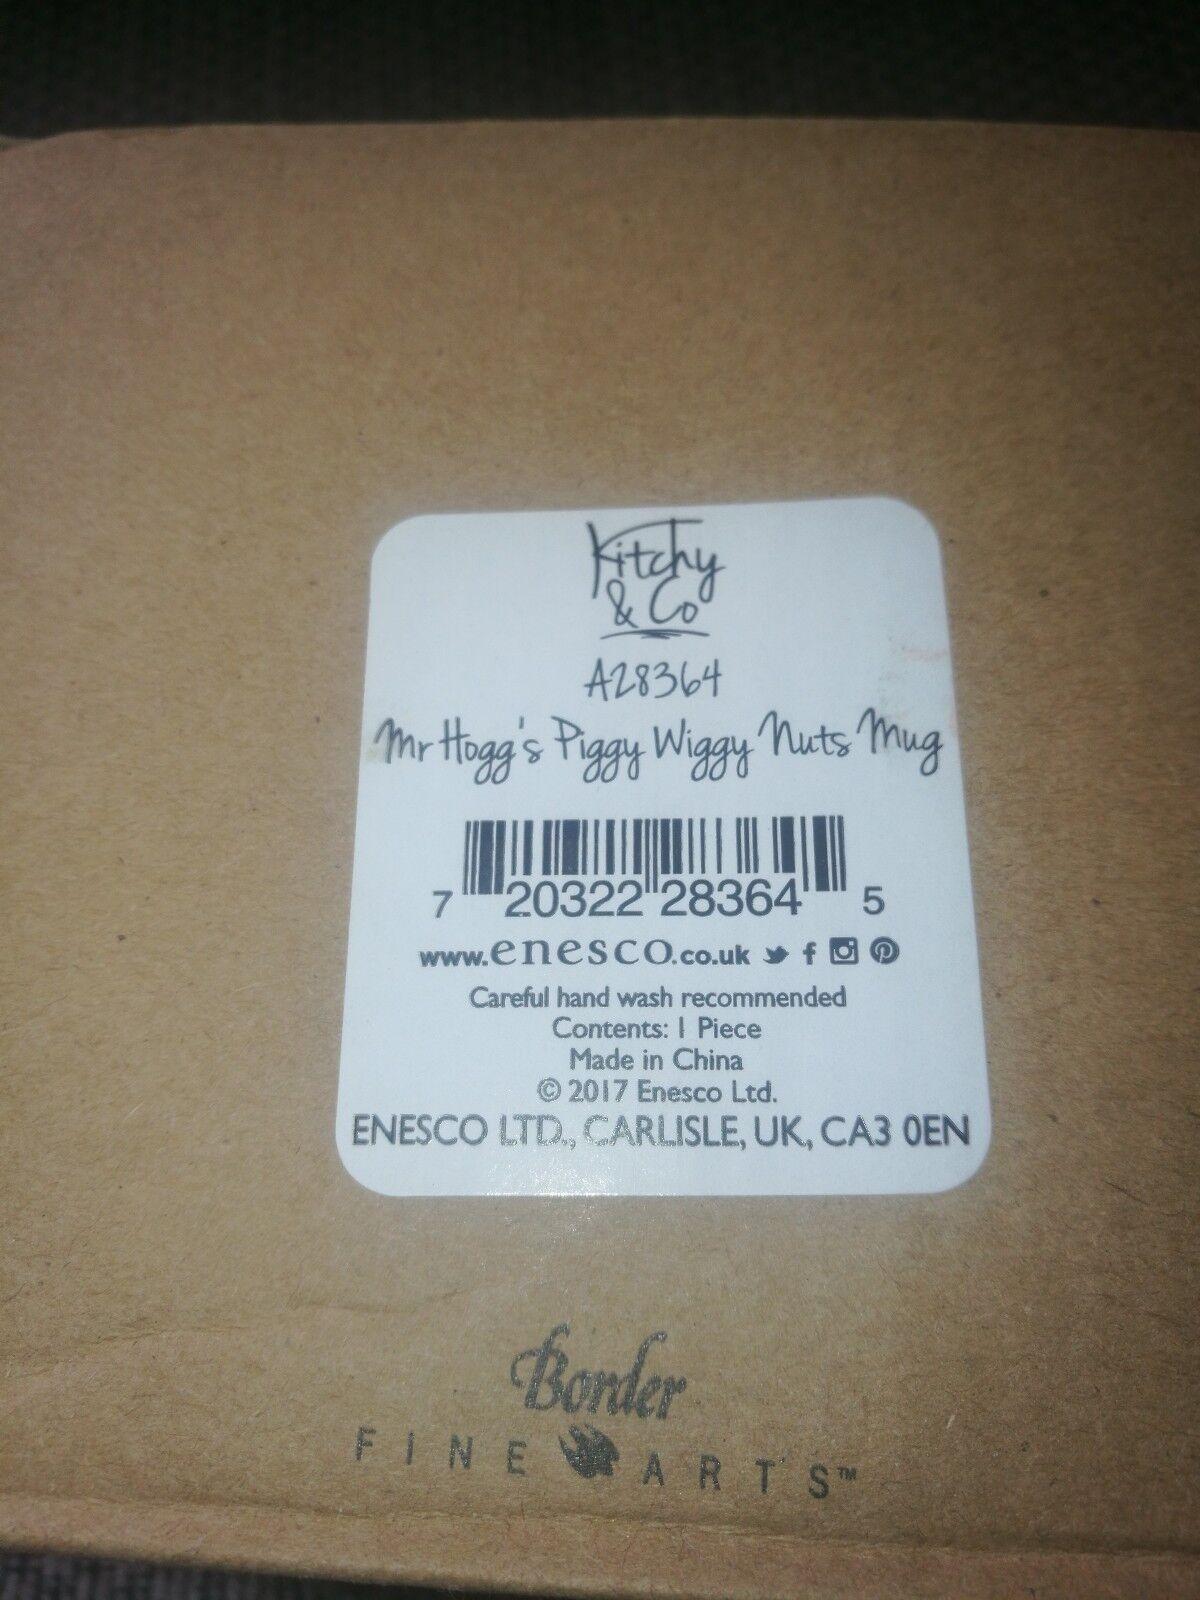 Border Fine Arts Kitchy /& Co Mr Hoggs Piggy Wiggy Nuts Ceramic Mug 9.5cm A28364